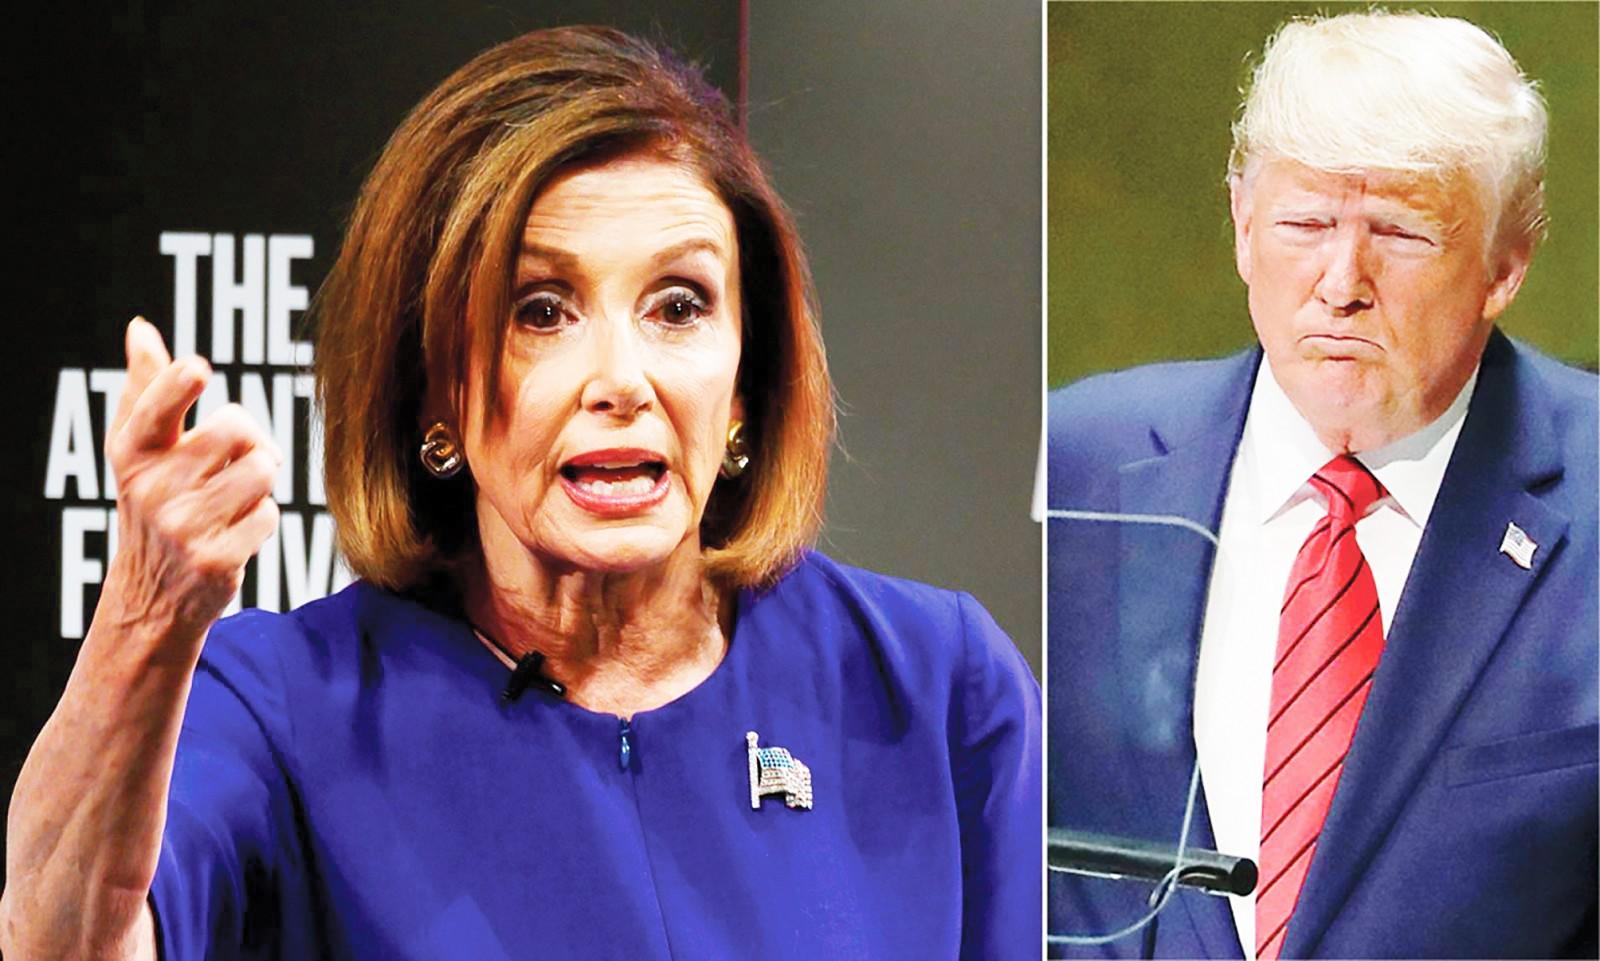 Chủ tịch Hạ viện Pelosi đang gây khó cho Tổng thống Trump. Ảnh: Daily Mail